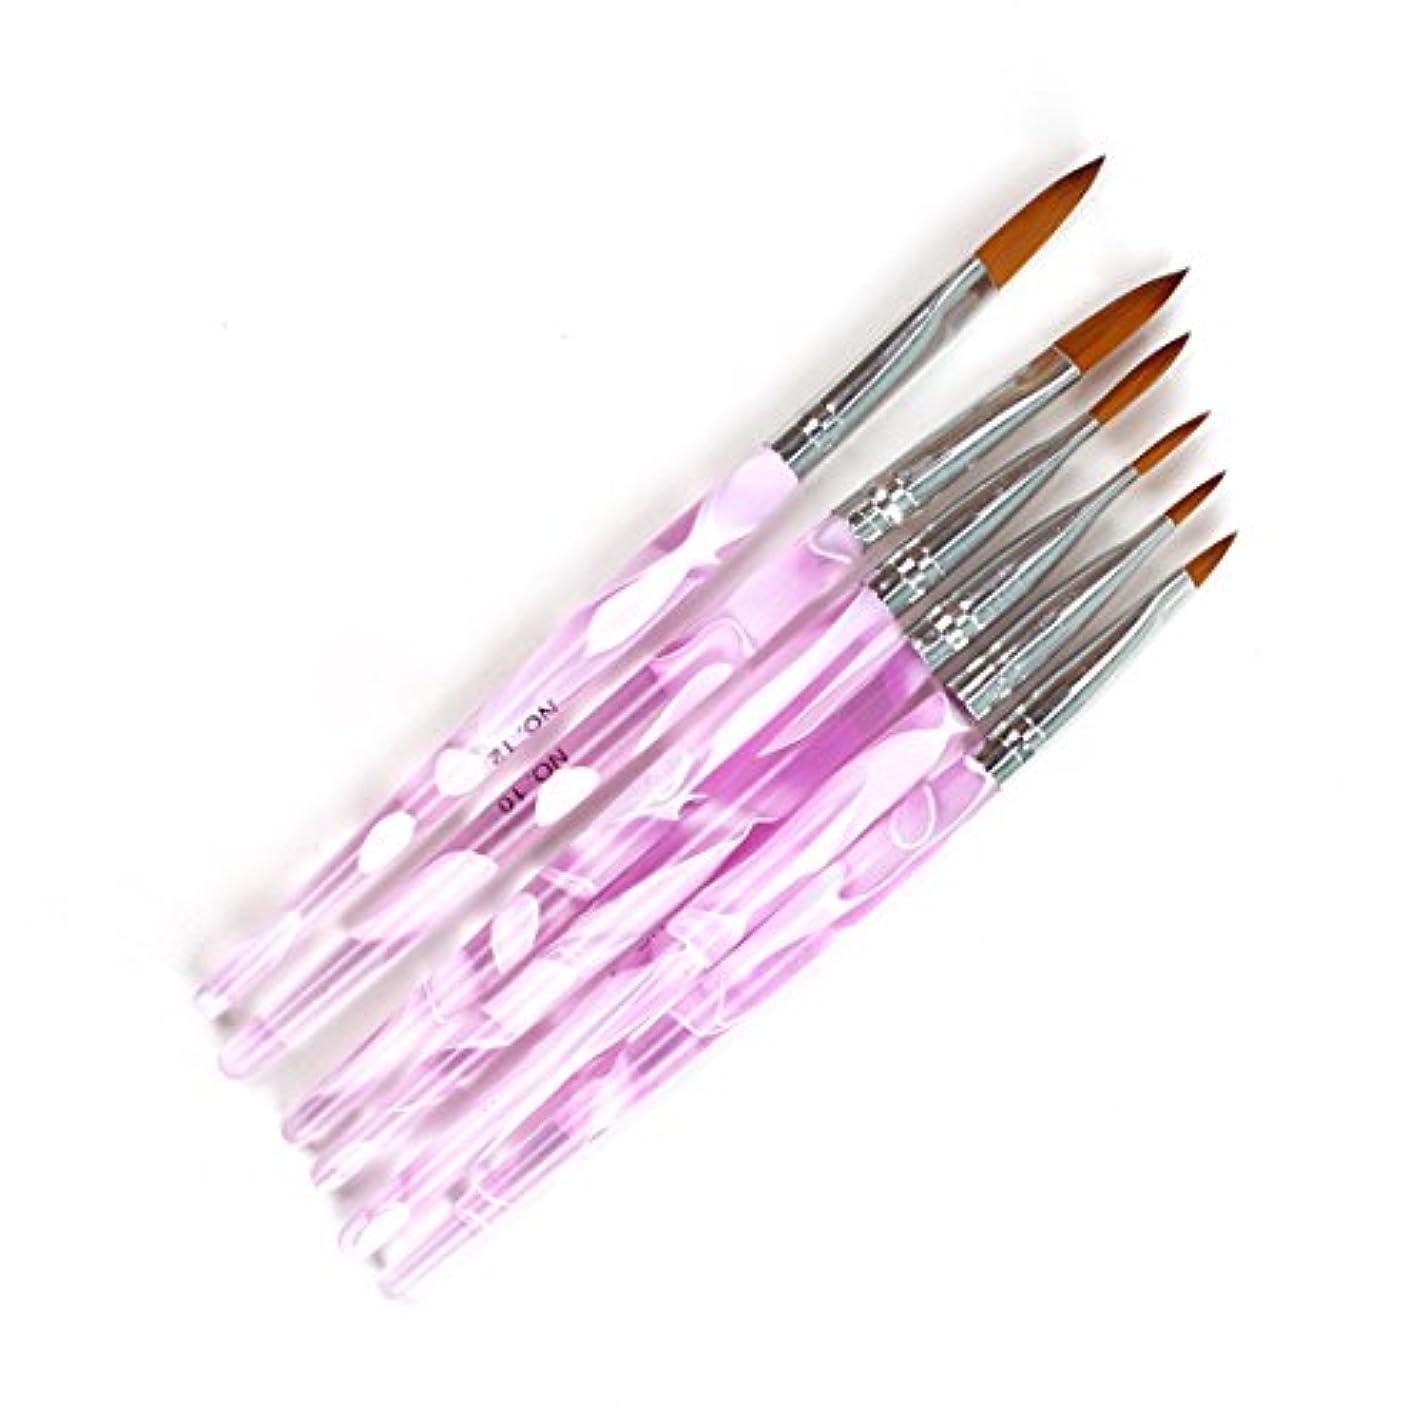 買い手従事する表示Yiteng ネイルブラシ ジェルネイル ネイル スカルプ ピンク キャップ付き ネイルアート専用ブラシ×6本セット